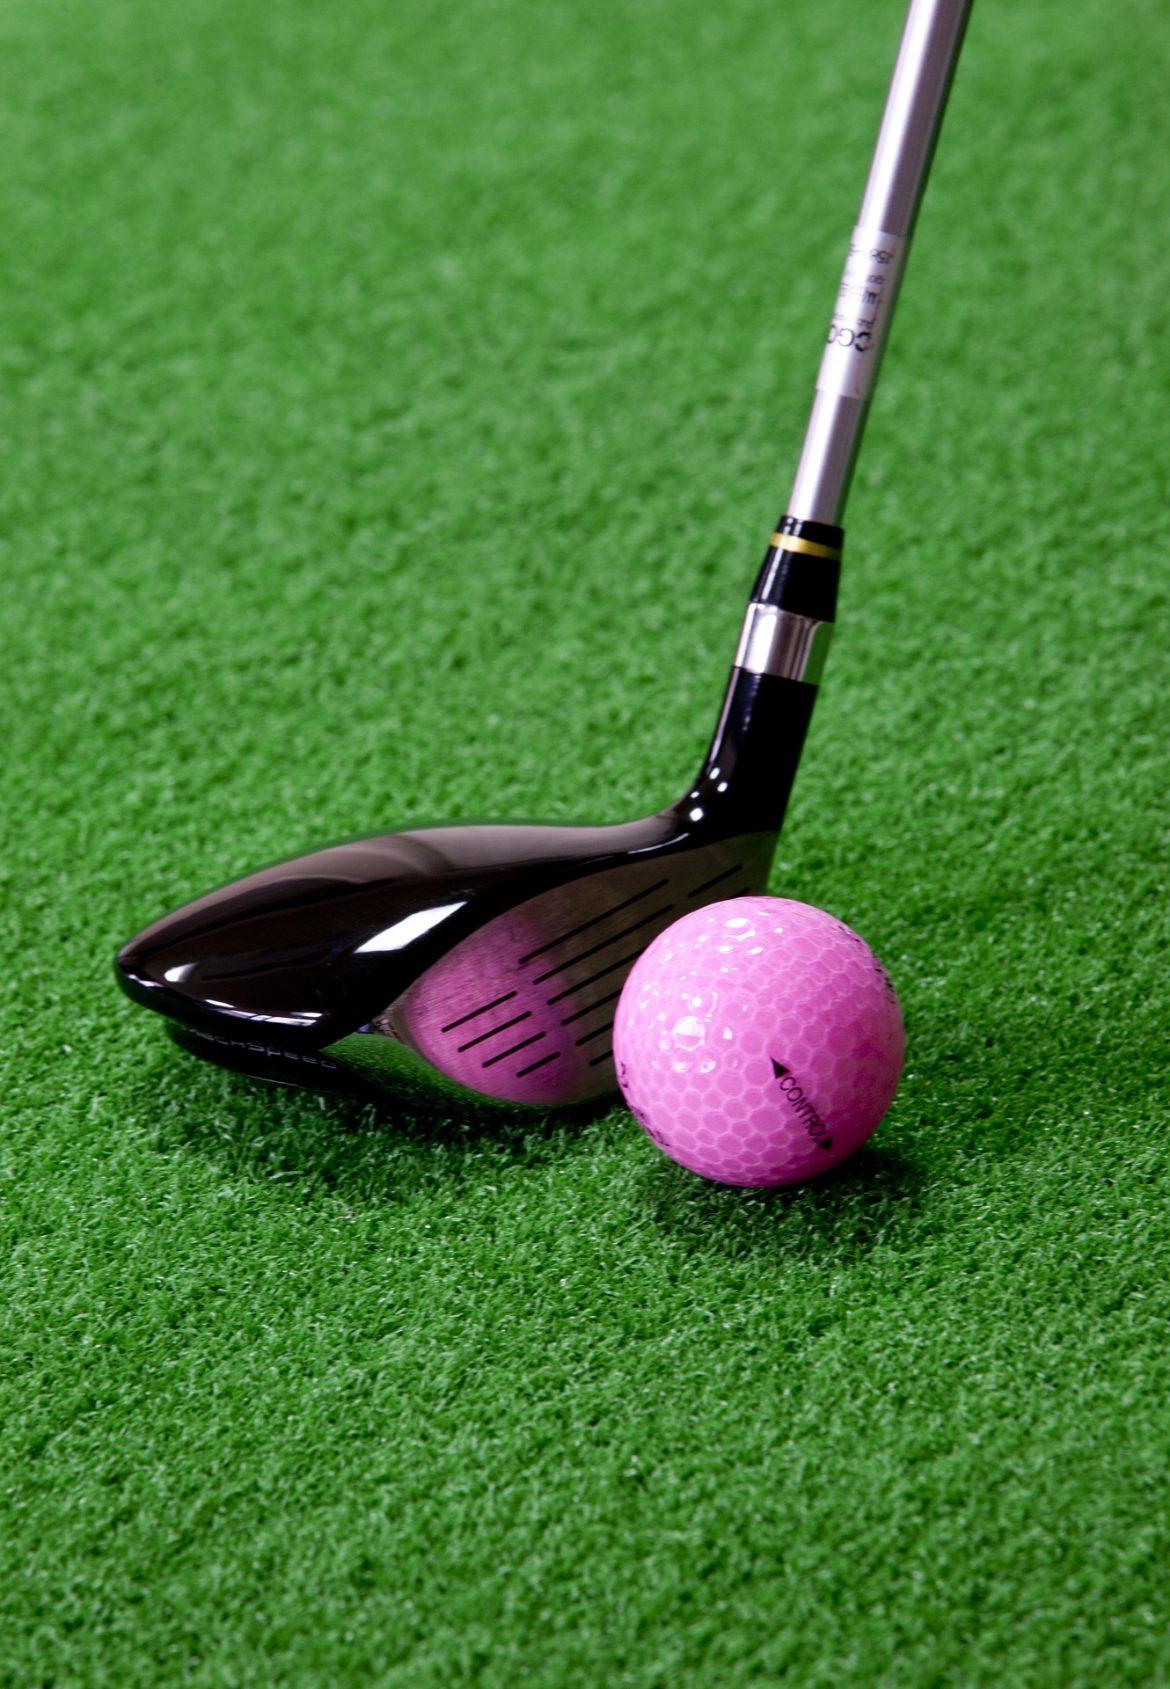 Ce que vous devez savoir avant d'acheter un simulateur de golf pour jouer chez vous